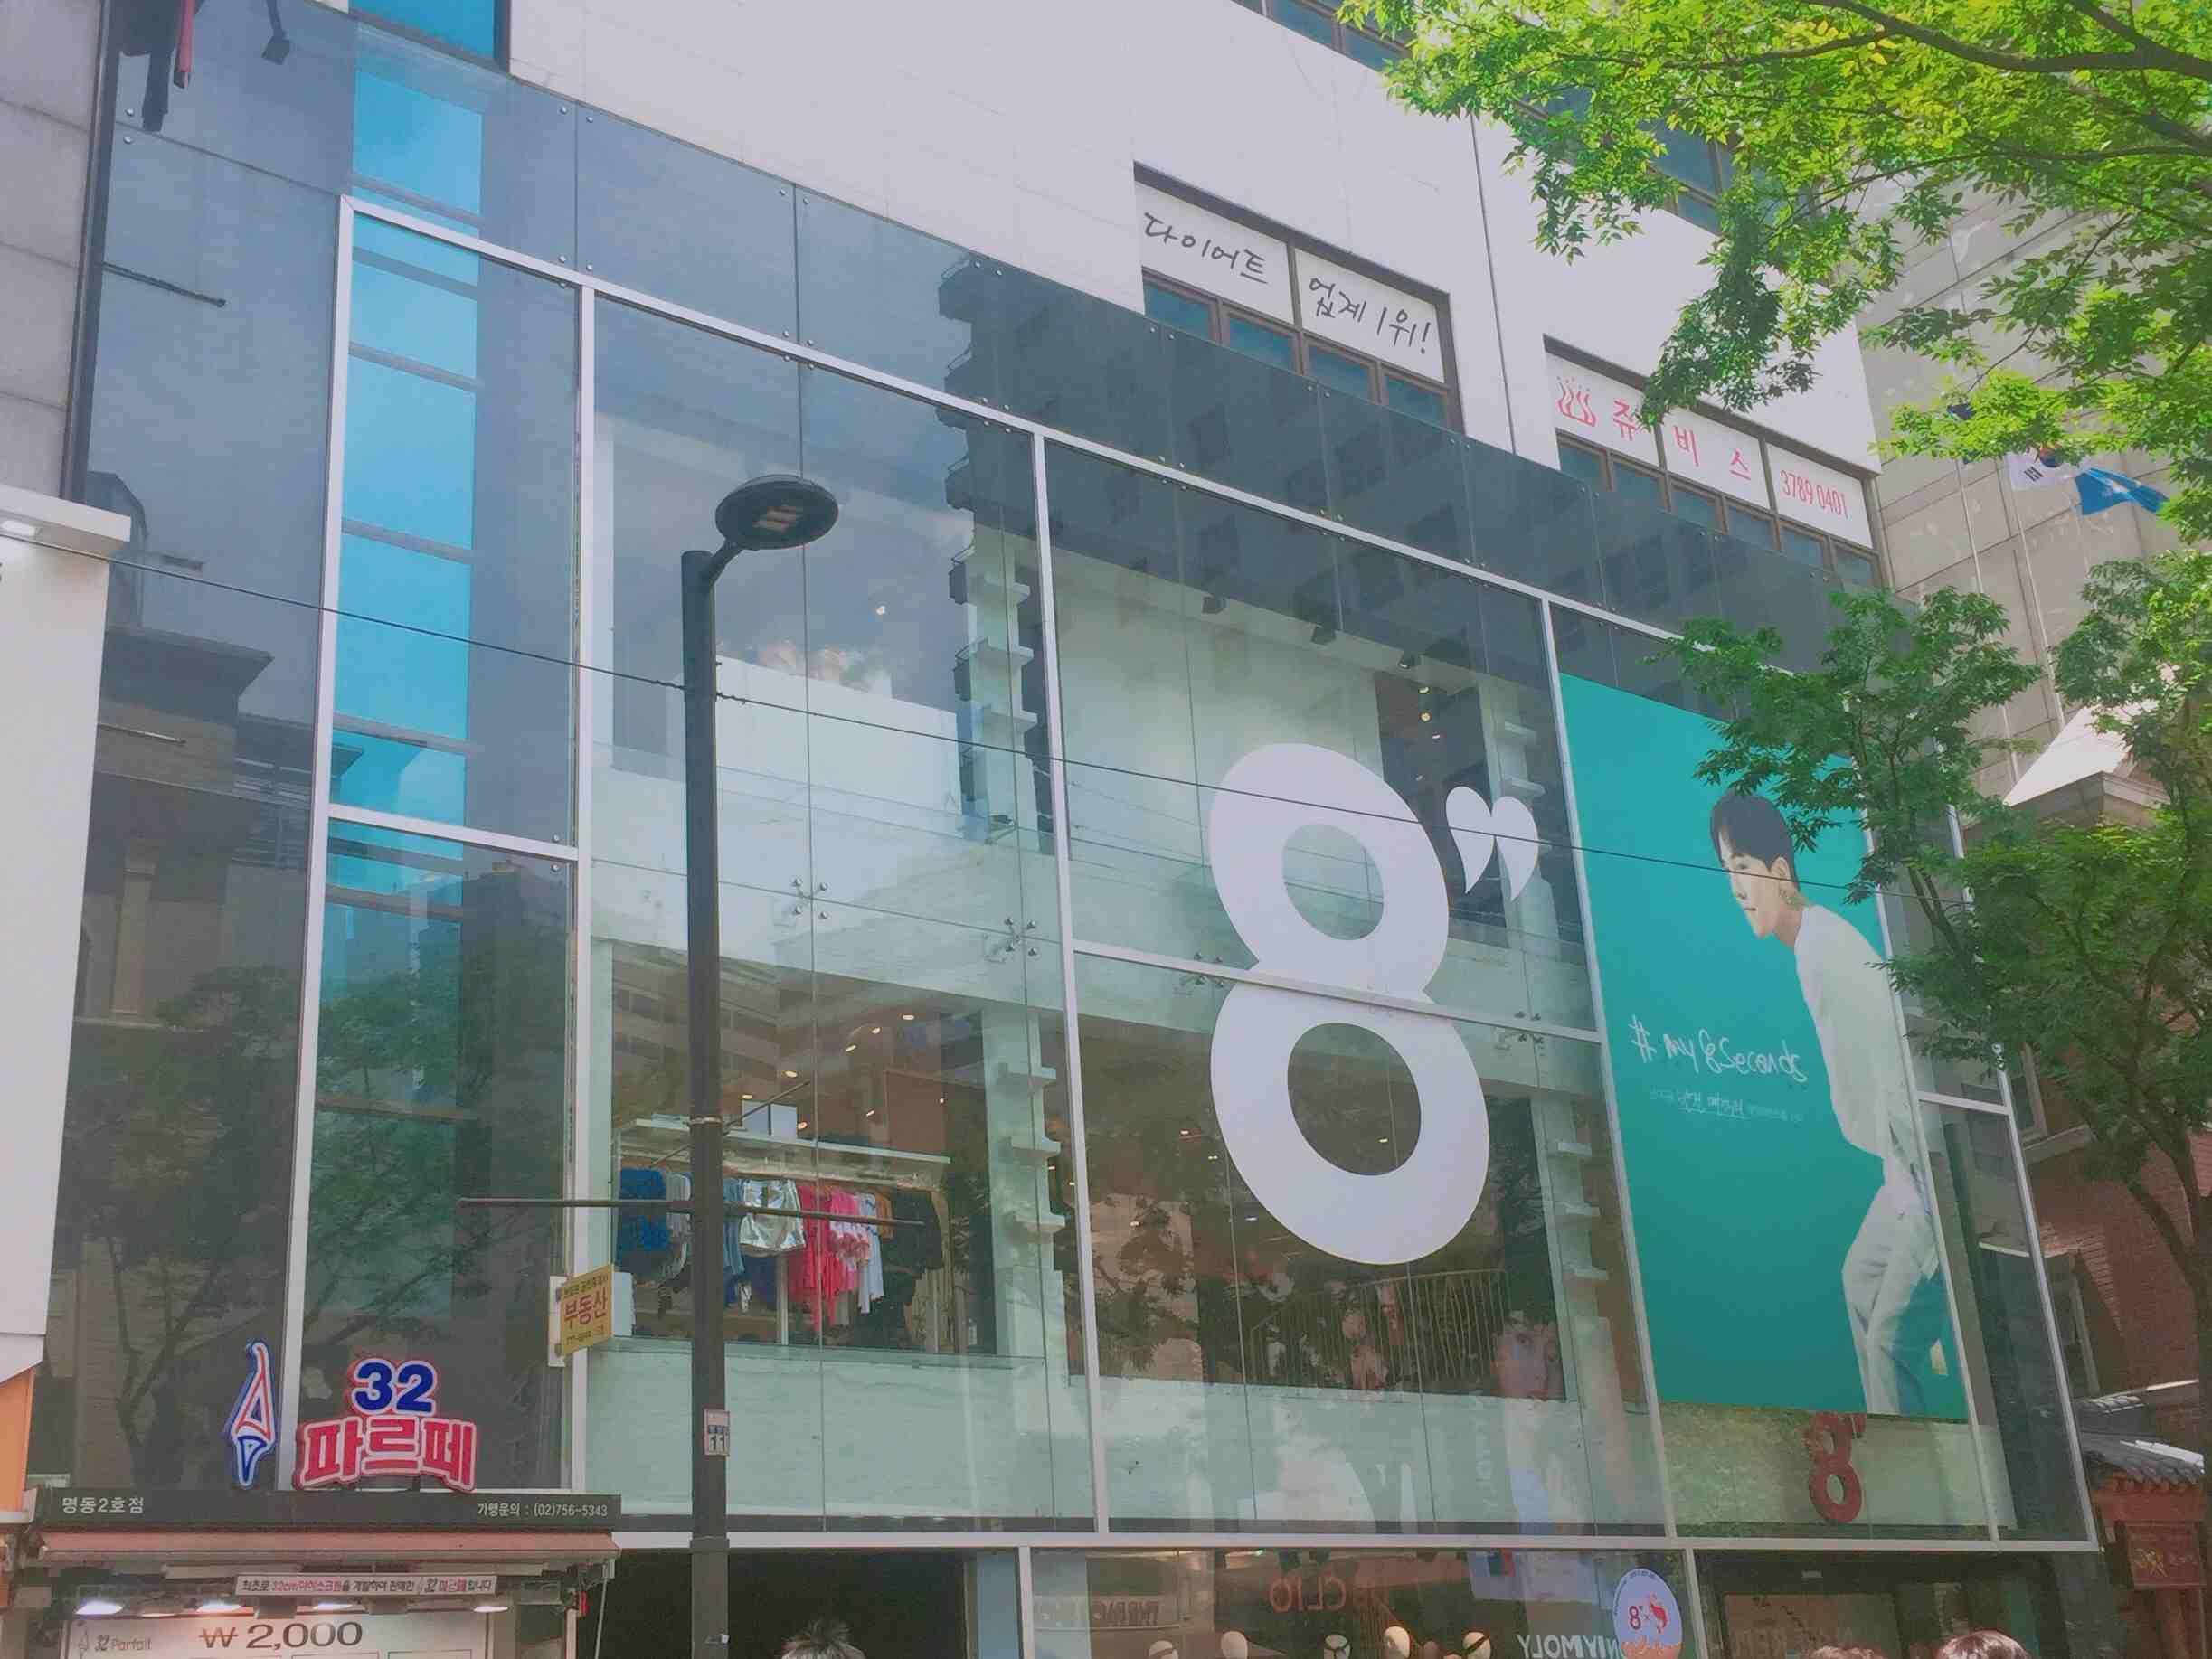 8秒,韓國的快時尚品牌,品質價格和HM相似,代言人還是你家的男友權志龍XDDD